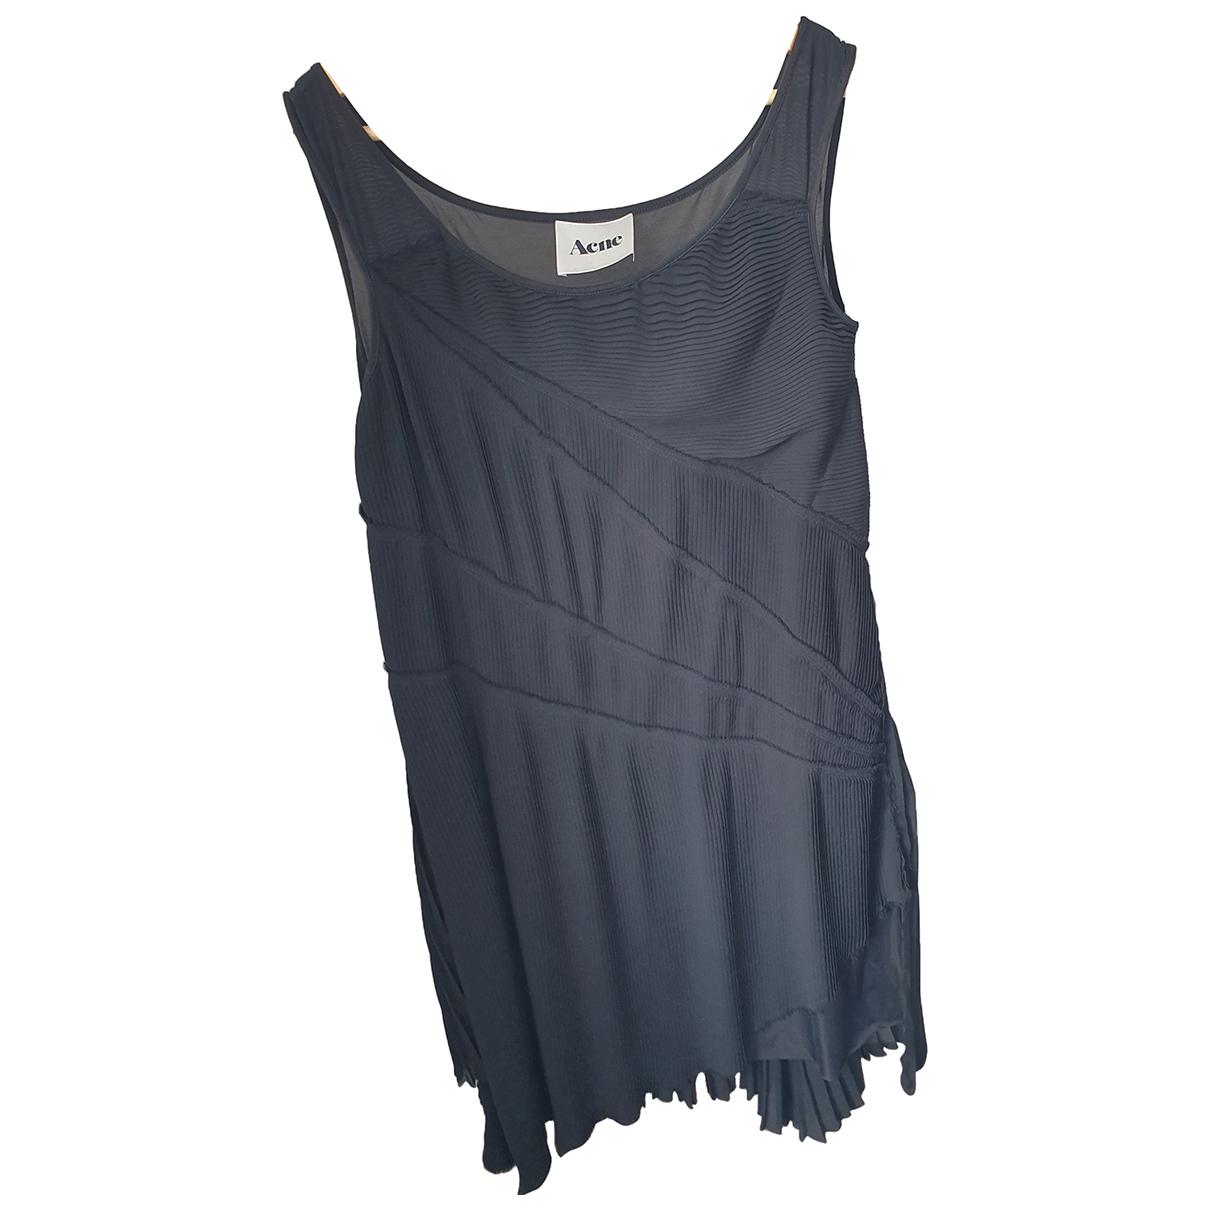 Acne Studios \N Black dress for Women 38 FR